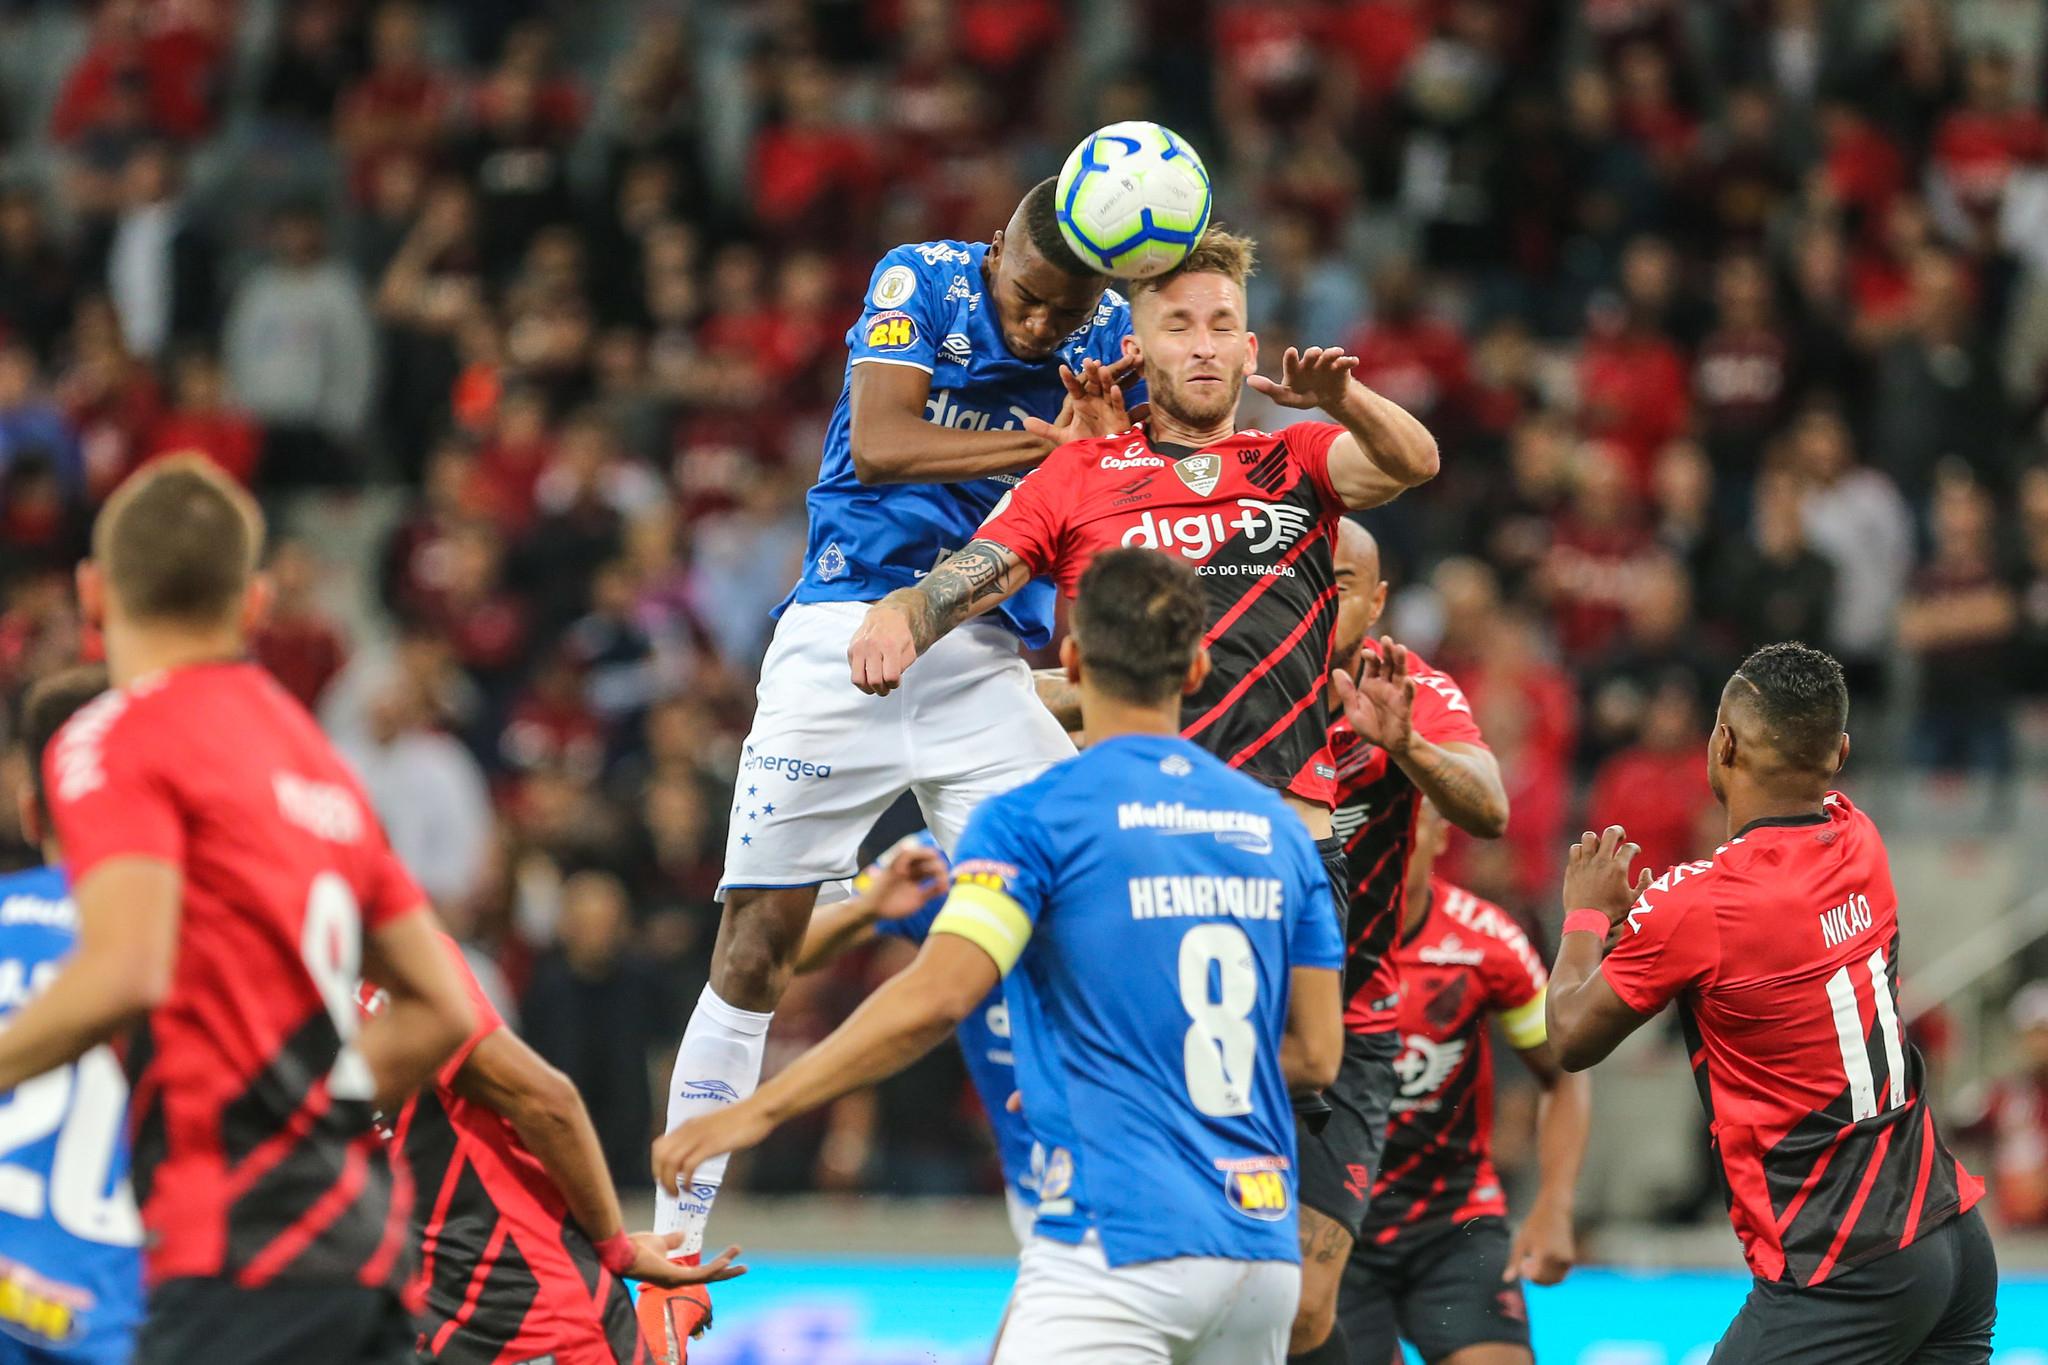 O empate acabou sendo um bom resultado para o Cruzeiro